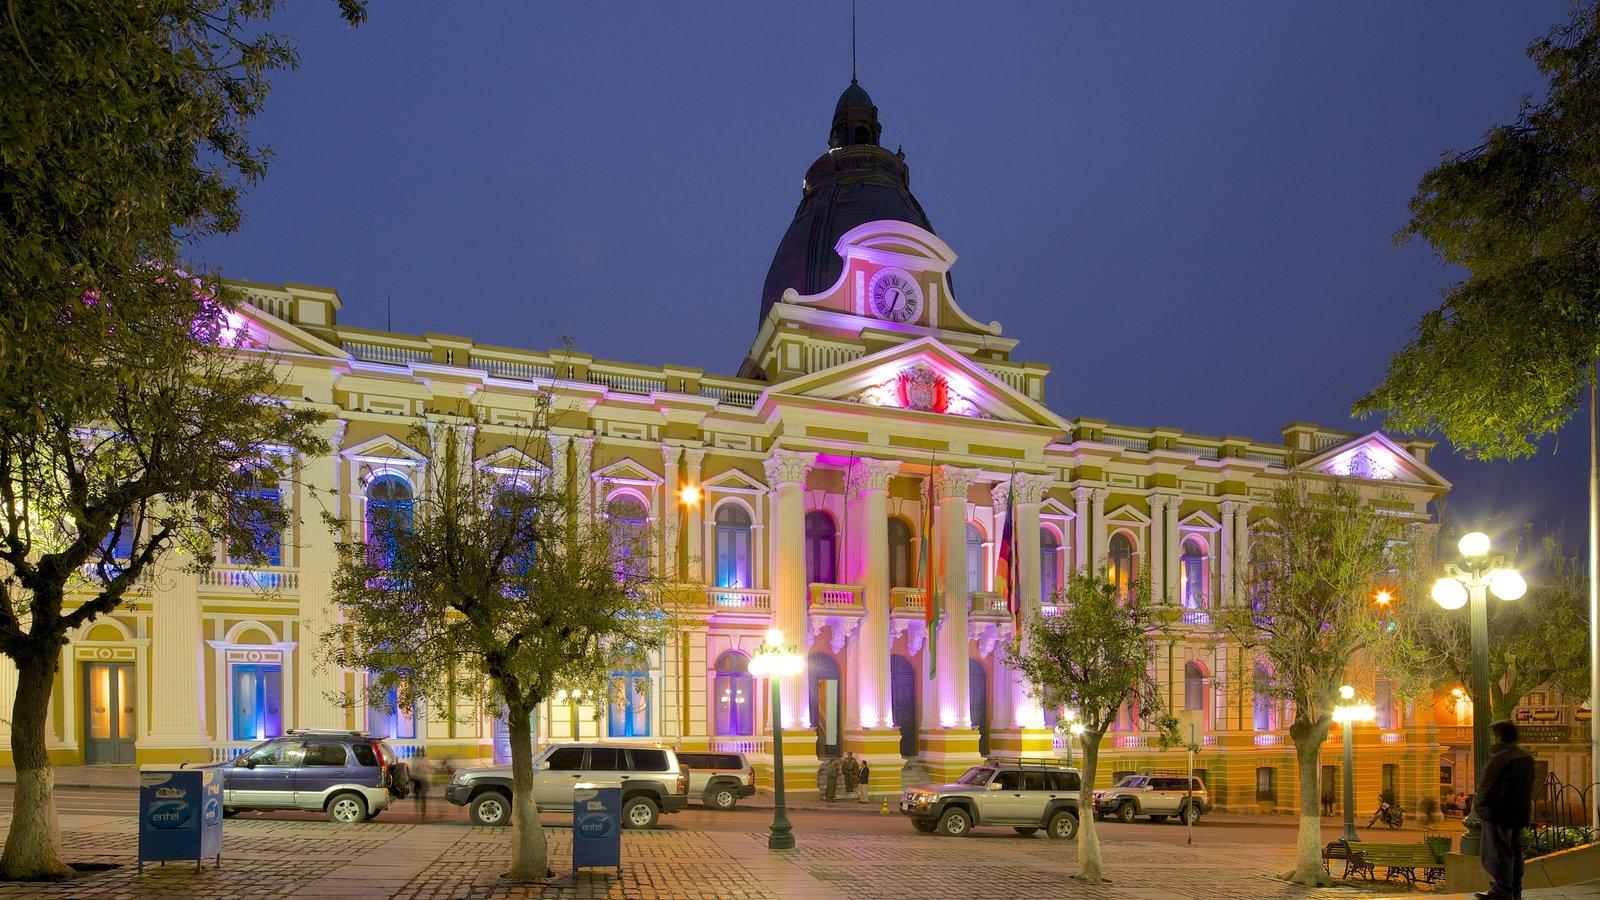 Plaza Murillo mostrando cenas noturnas, uma cidade e uma praça ou plaza